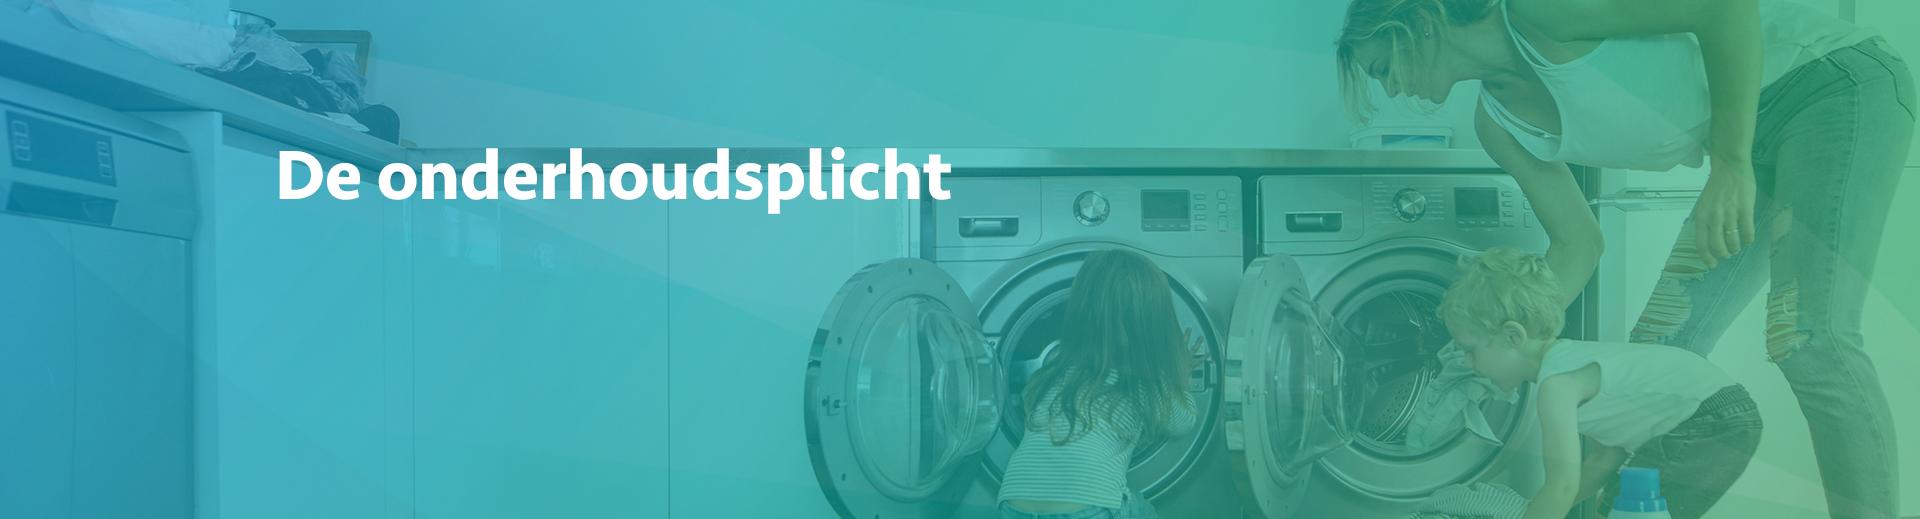 De Onderhoudsplicht - Scheidingsplanner Hilversum - Bilthoven - Soest - Het Gooi